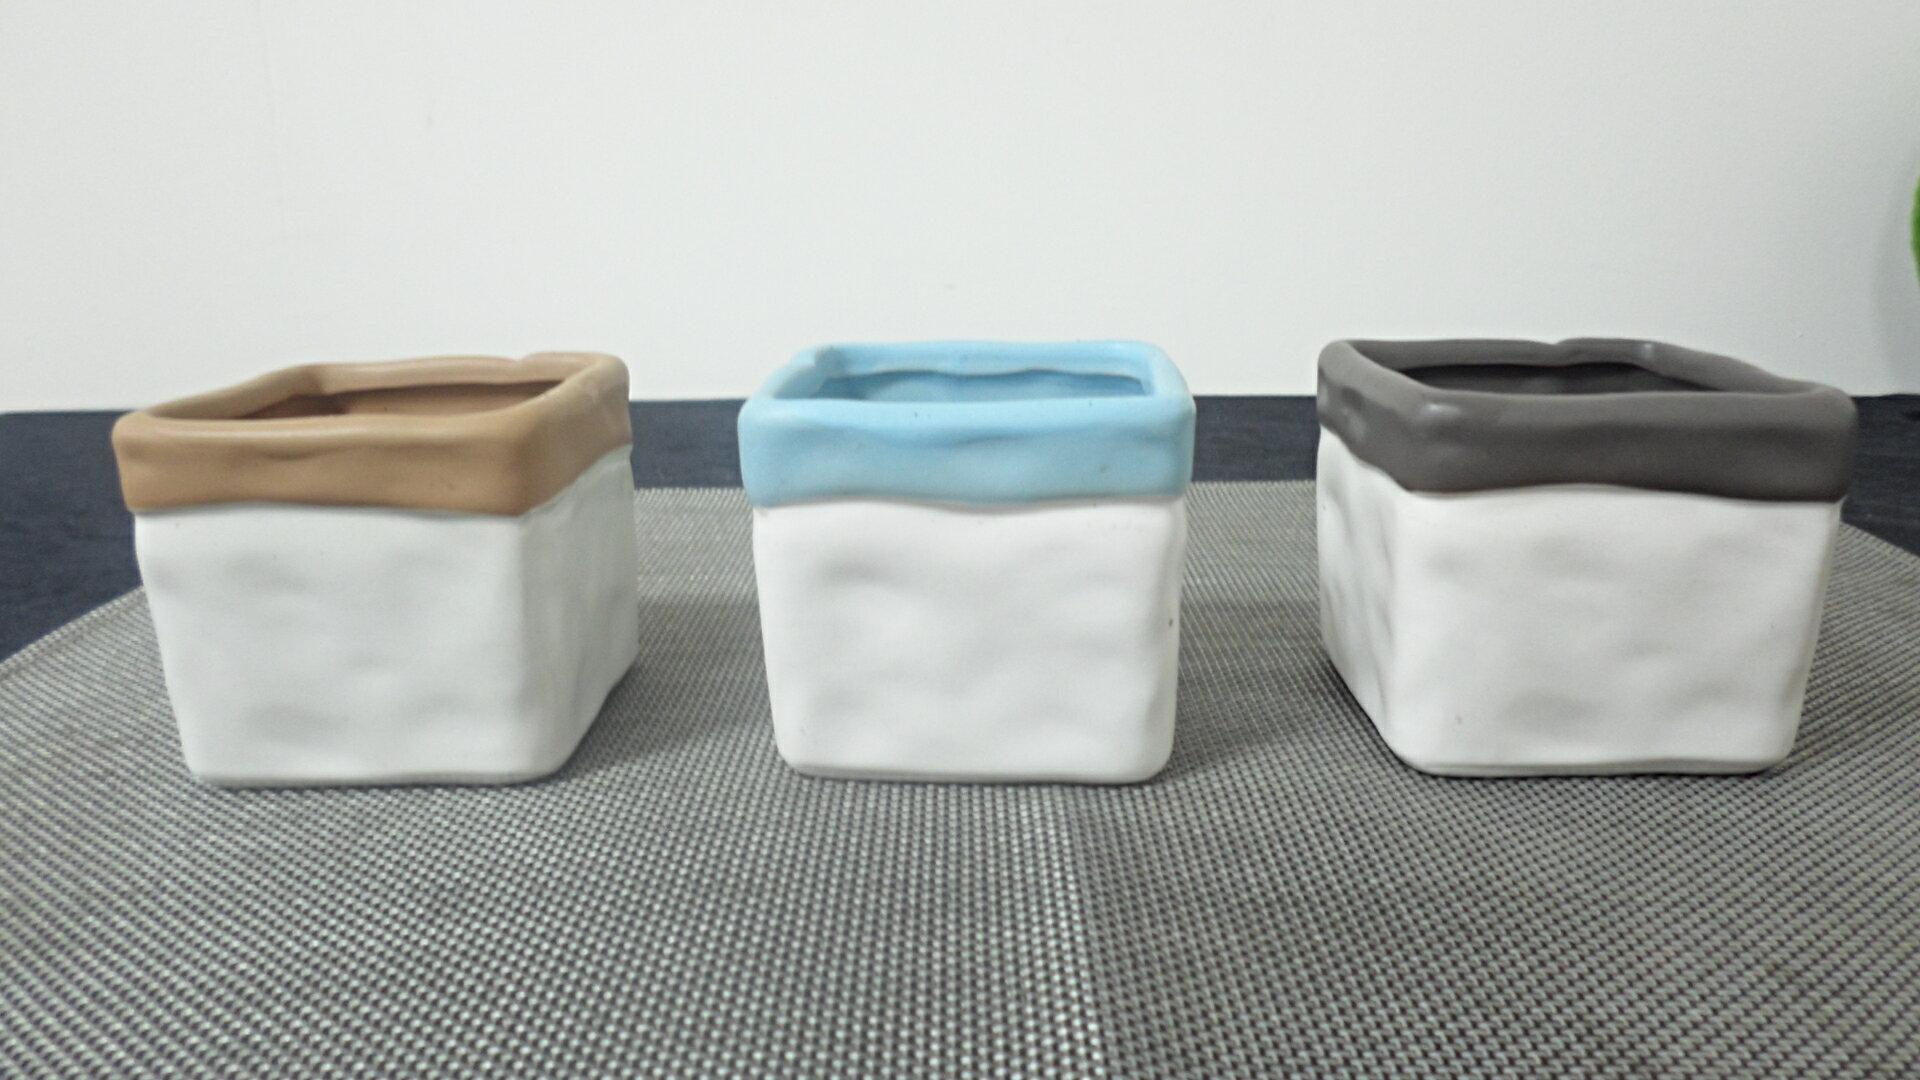 鄉村風 小方陶瓷盆器(黑/藍/咖啡) 花器  擺飾  ★棉花糖家飾精品★